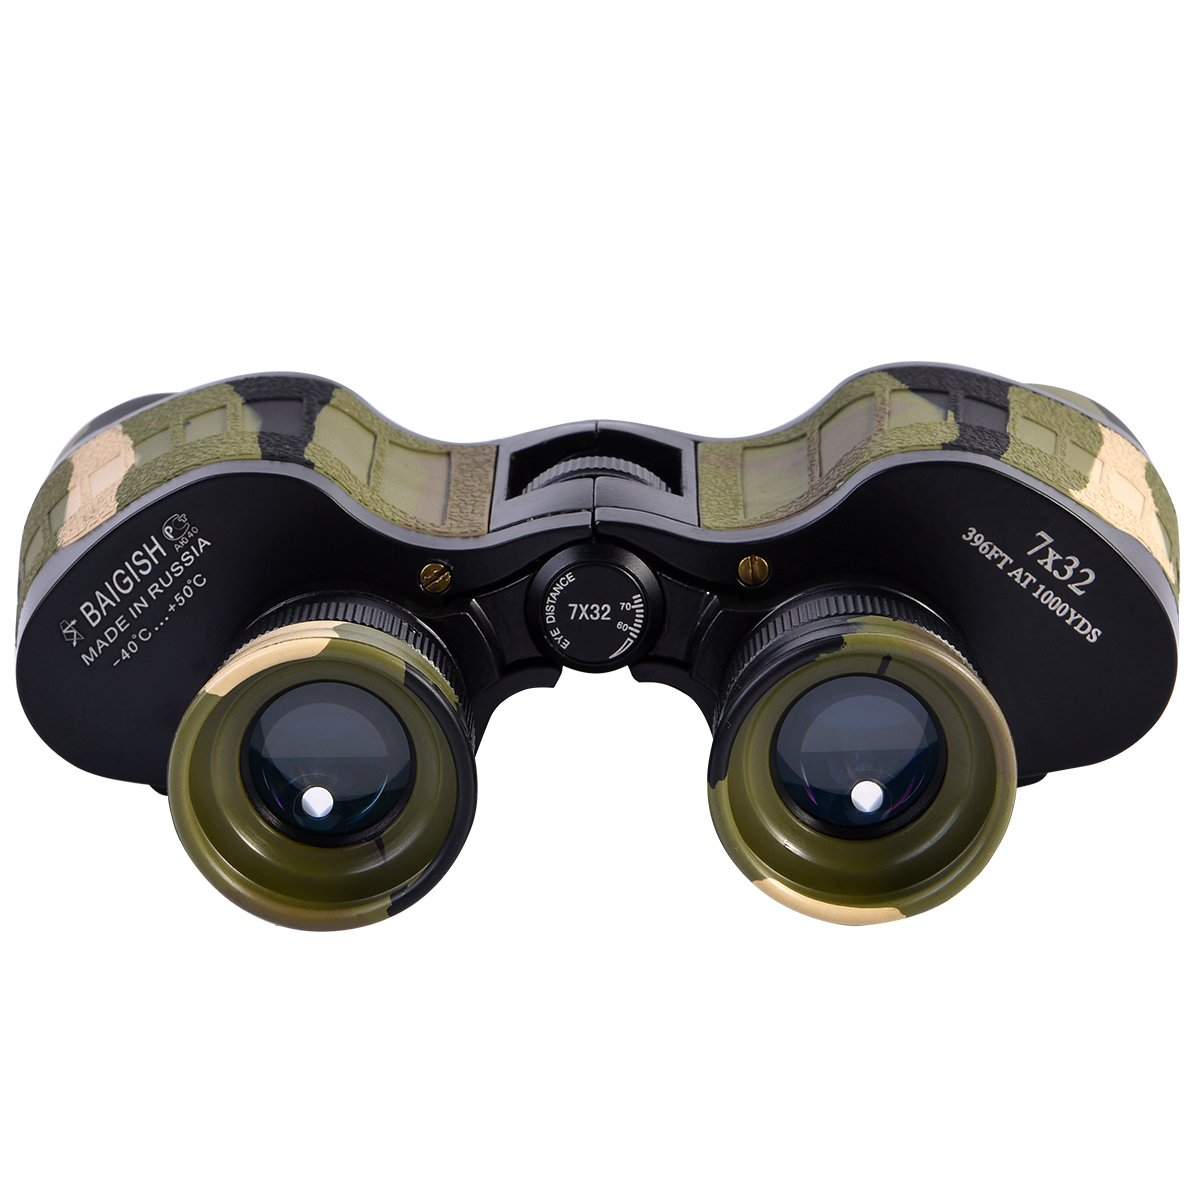 Hign双眼鏡bak4プリズムとFMCフィルムコーティングレンズのアウトドアスポーツ、狩猟など。 B076YHDTGX  C